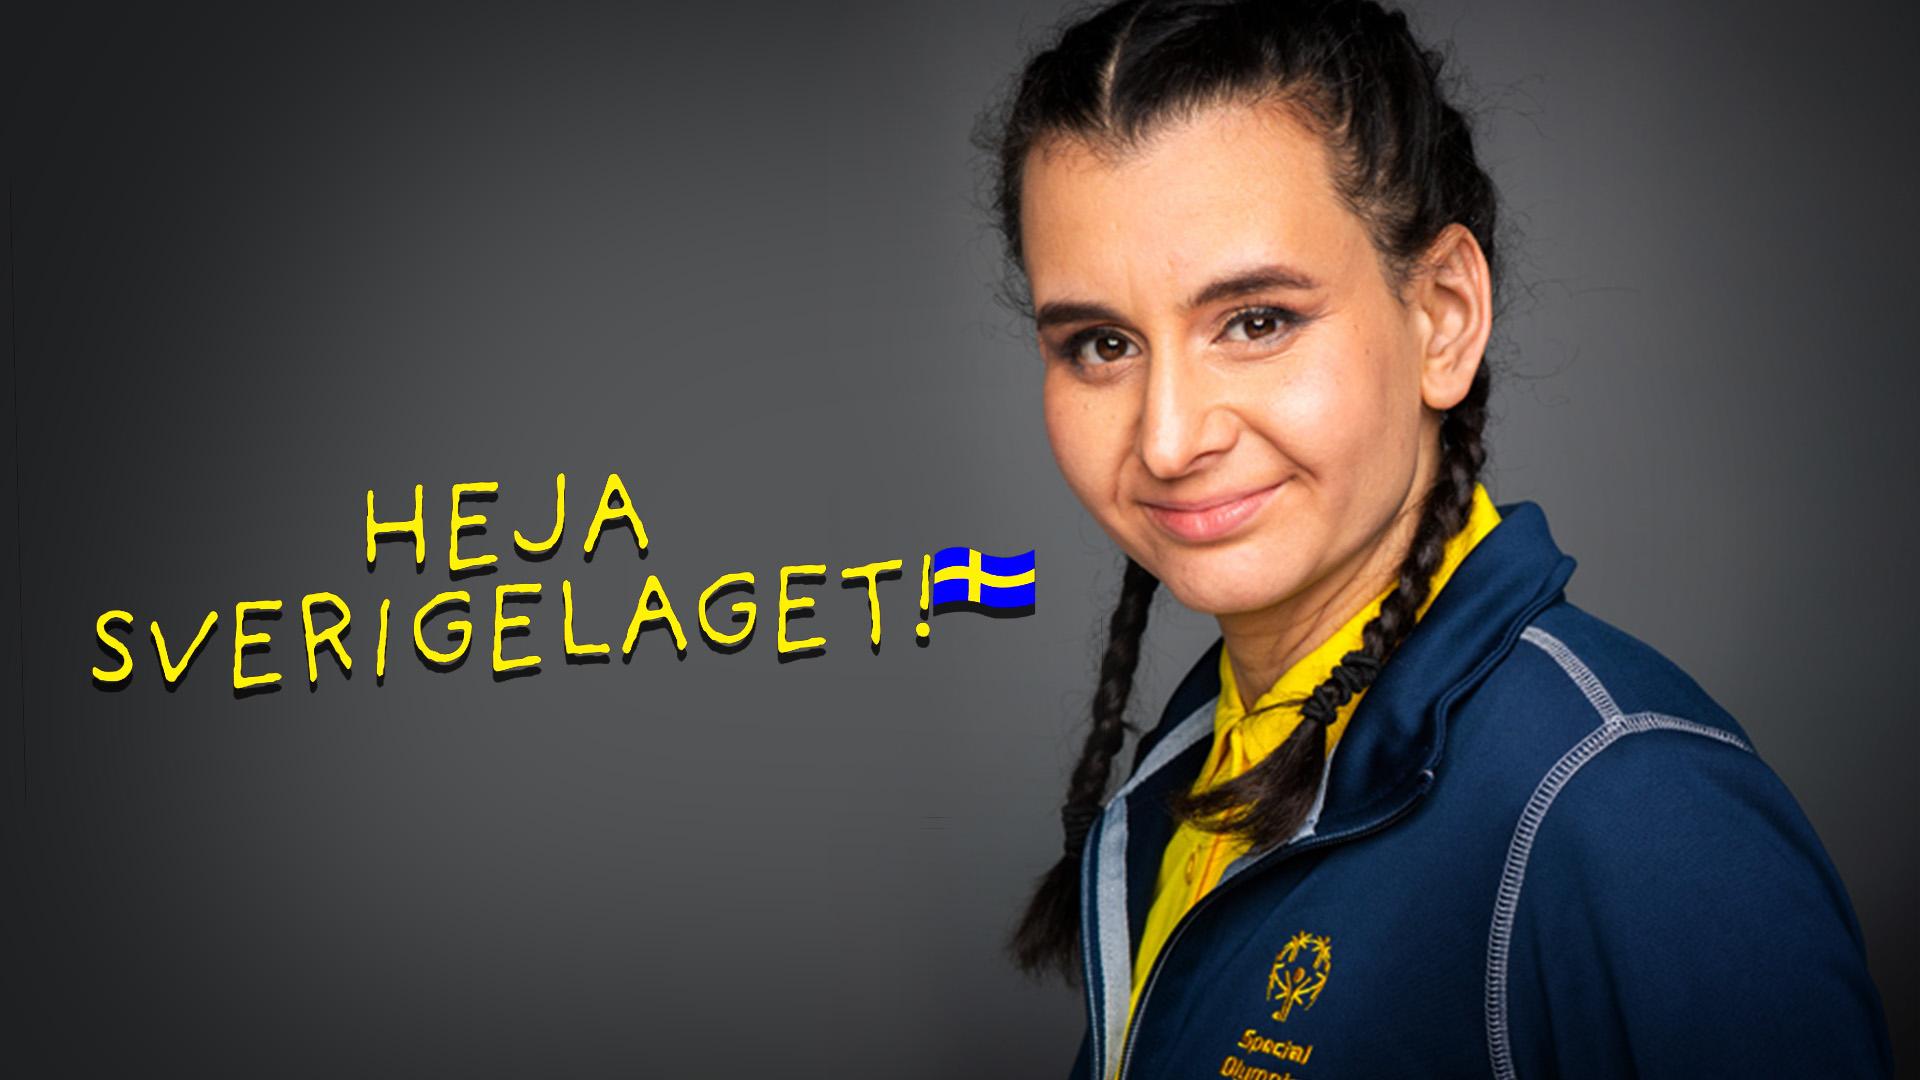 Simmaren Linnéa Bäckman är en av idrottarna som tittarna får följa i tv-serien Heja Sverigelaget!.